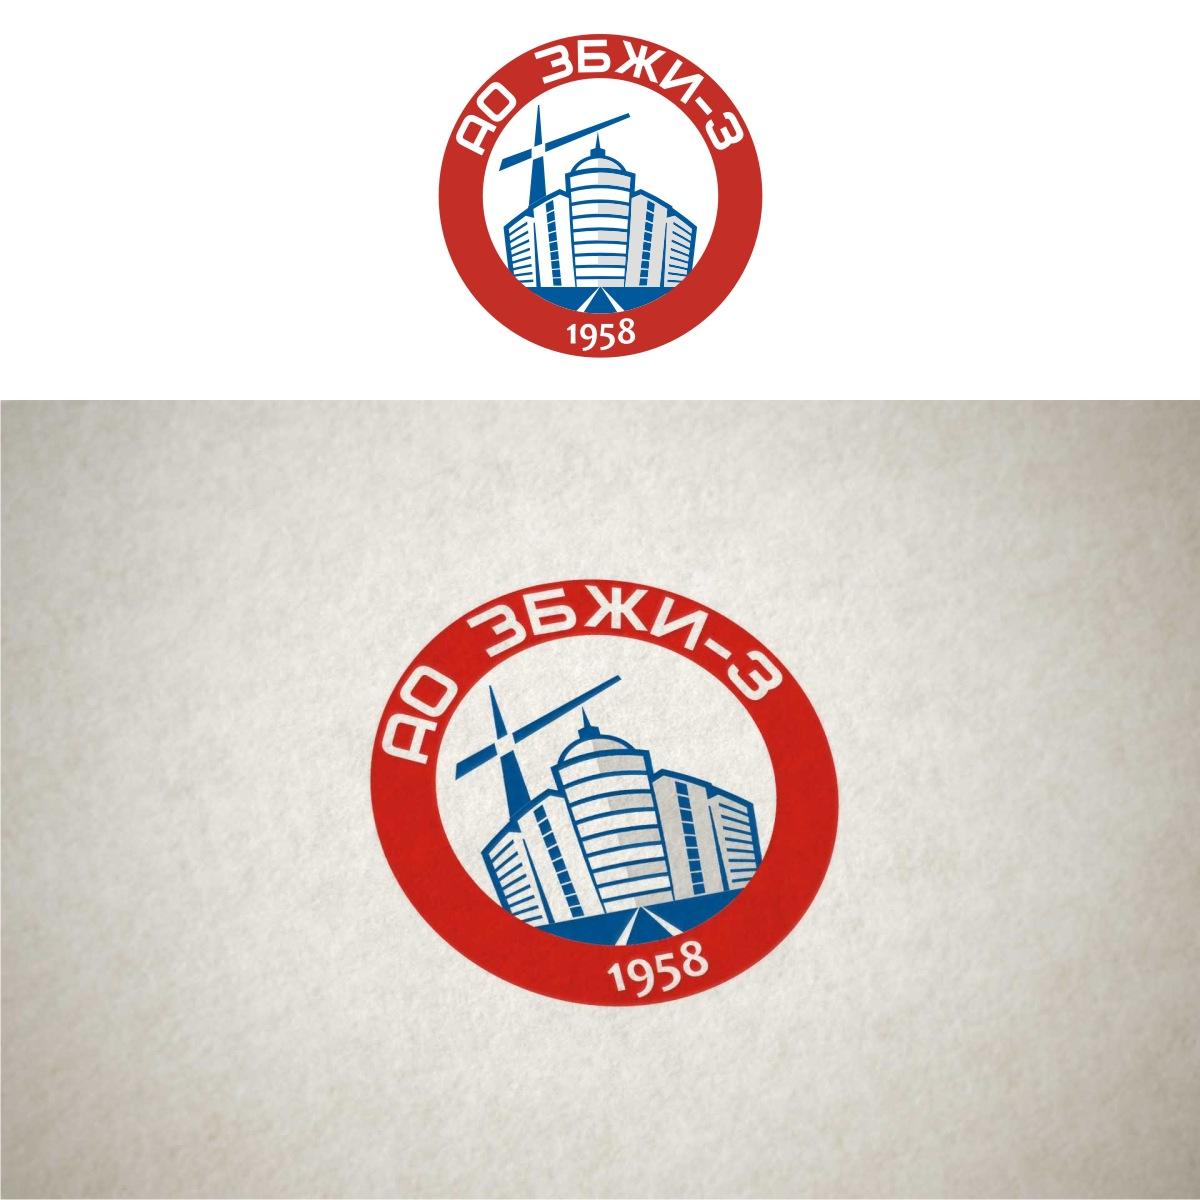 Разработка логотипа и фирменный стиль фото f_9425971e99aa8482.jpg